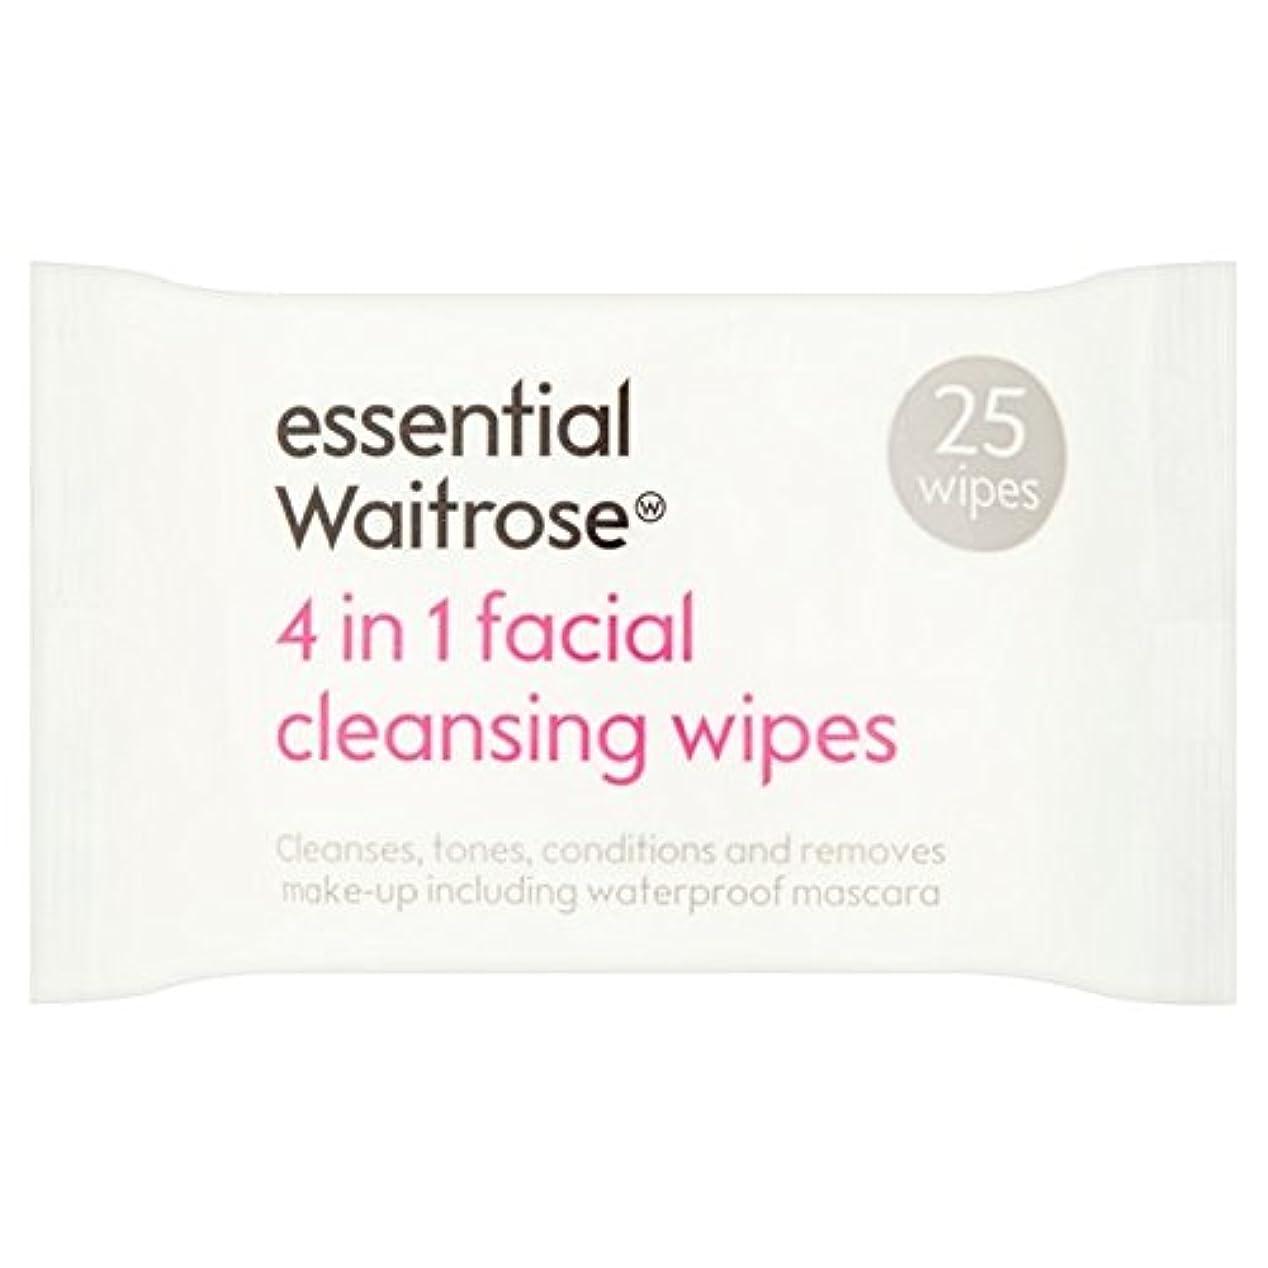 増幅器時間とともに起きろ3 1での顔のワイプパックあたり不可欠ウェイトローズ25 x2 - 3 in 1 Facial Wipes essential Waitrose 25 per pack (Pack of 2) [並行輸入品]